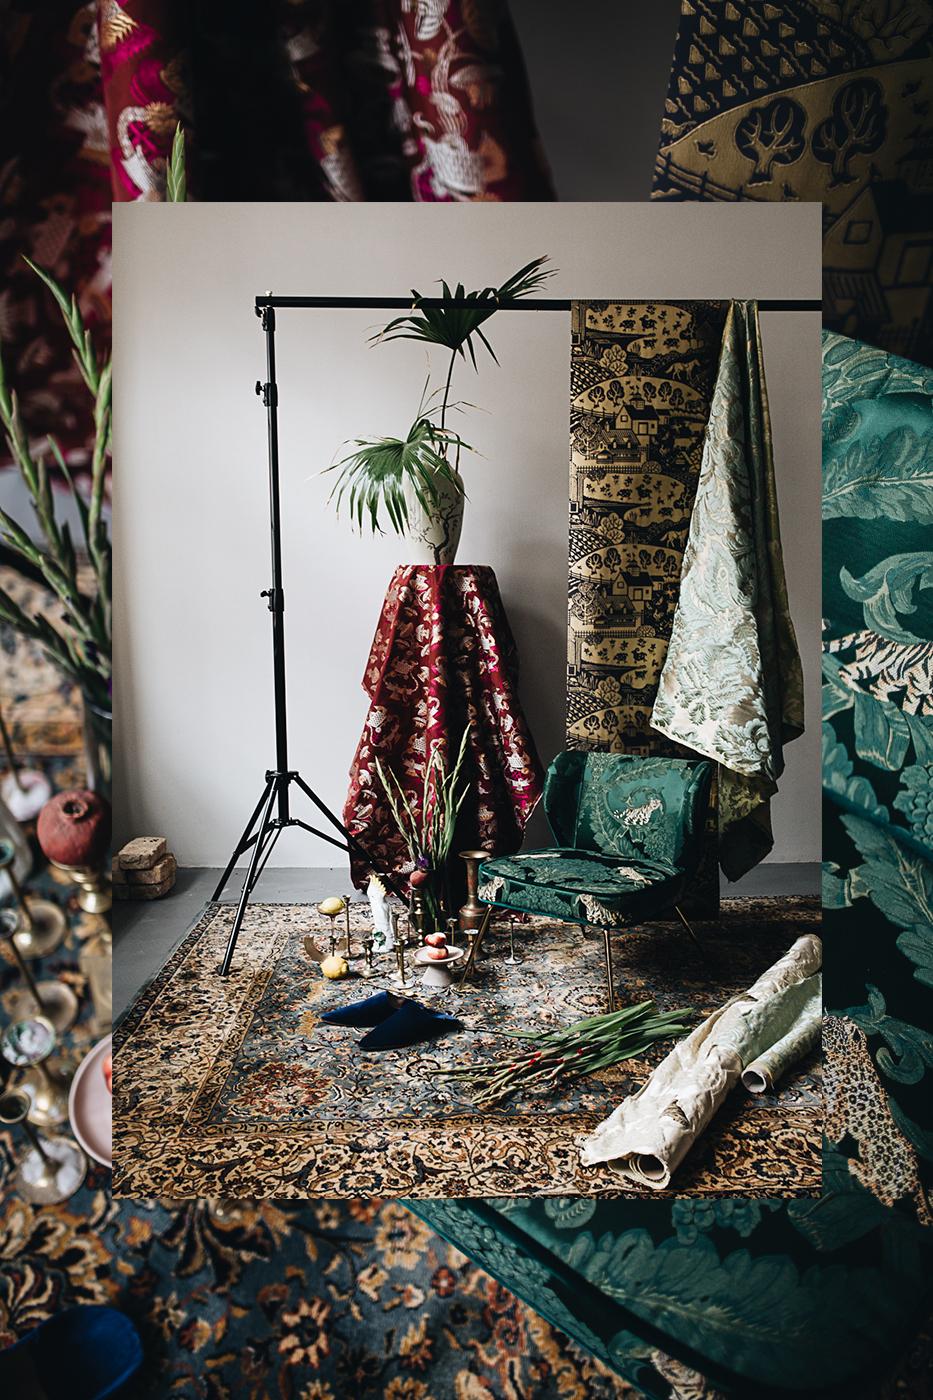 Salon Eden - Ein Paradies für mehr Wagemut!